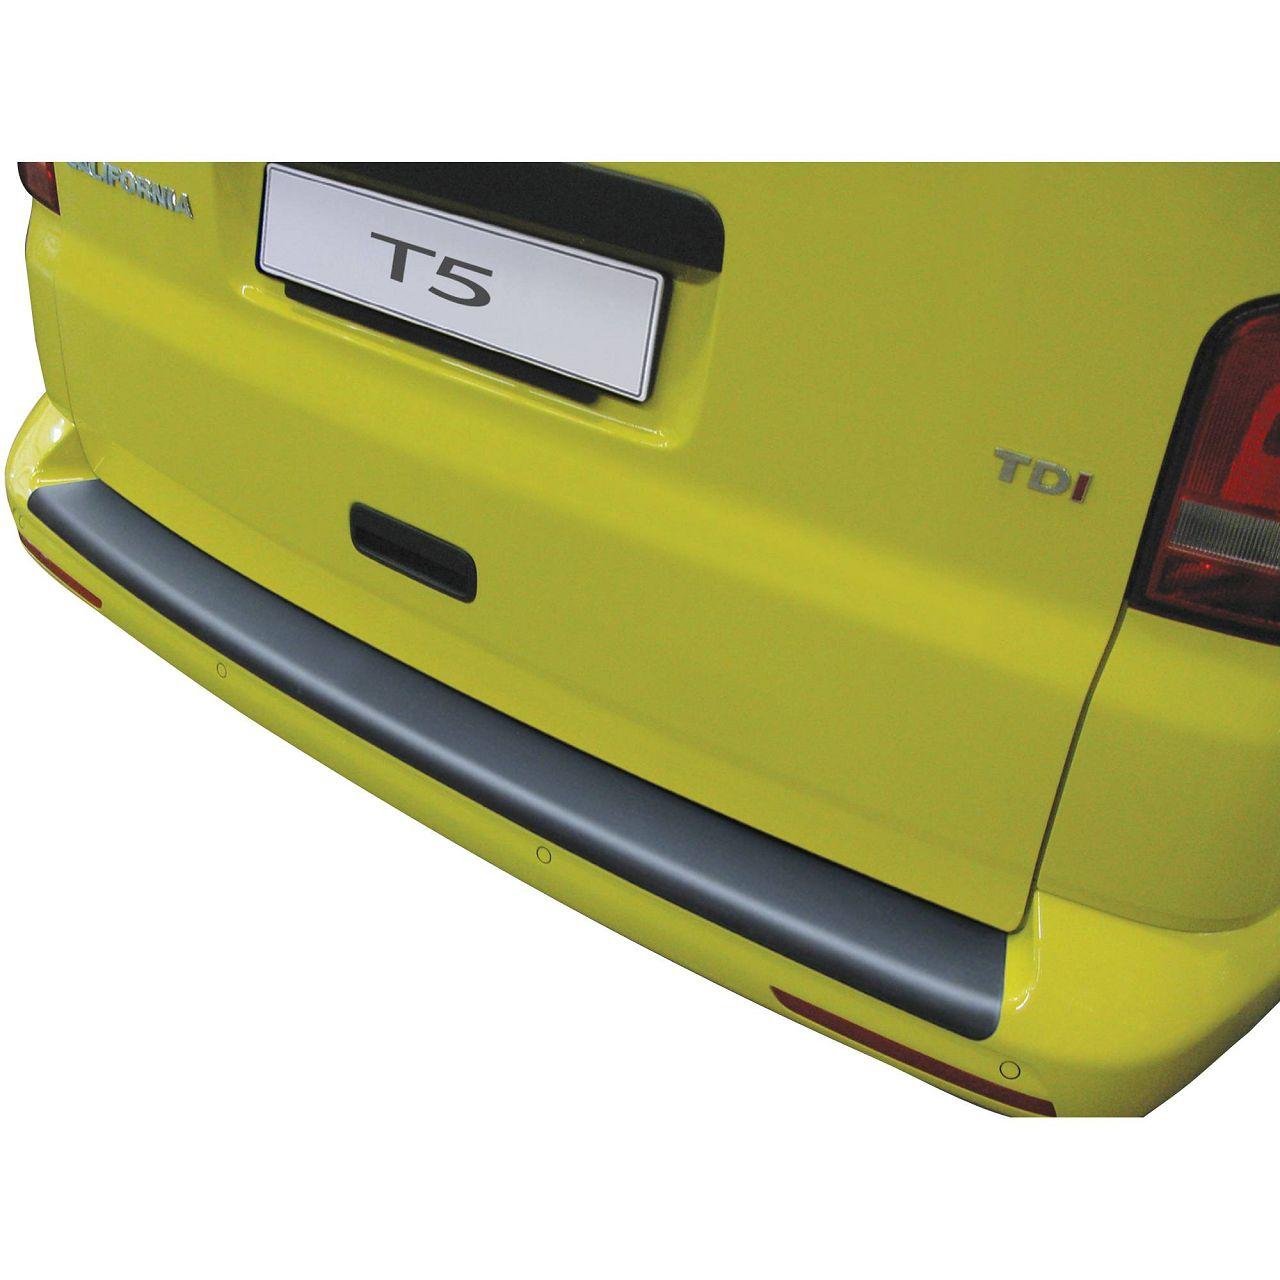 RGM Ladekantenschutz ABS Kunststoffabdeckung SCHWARZ für VW T5 ab 06.2012